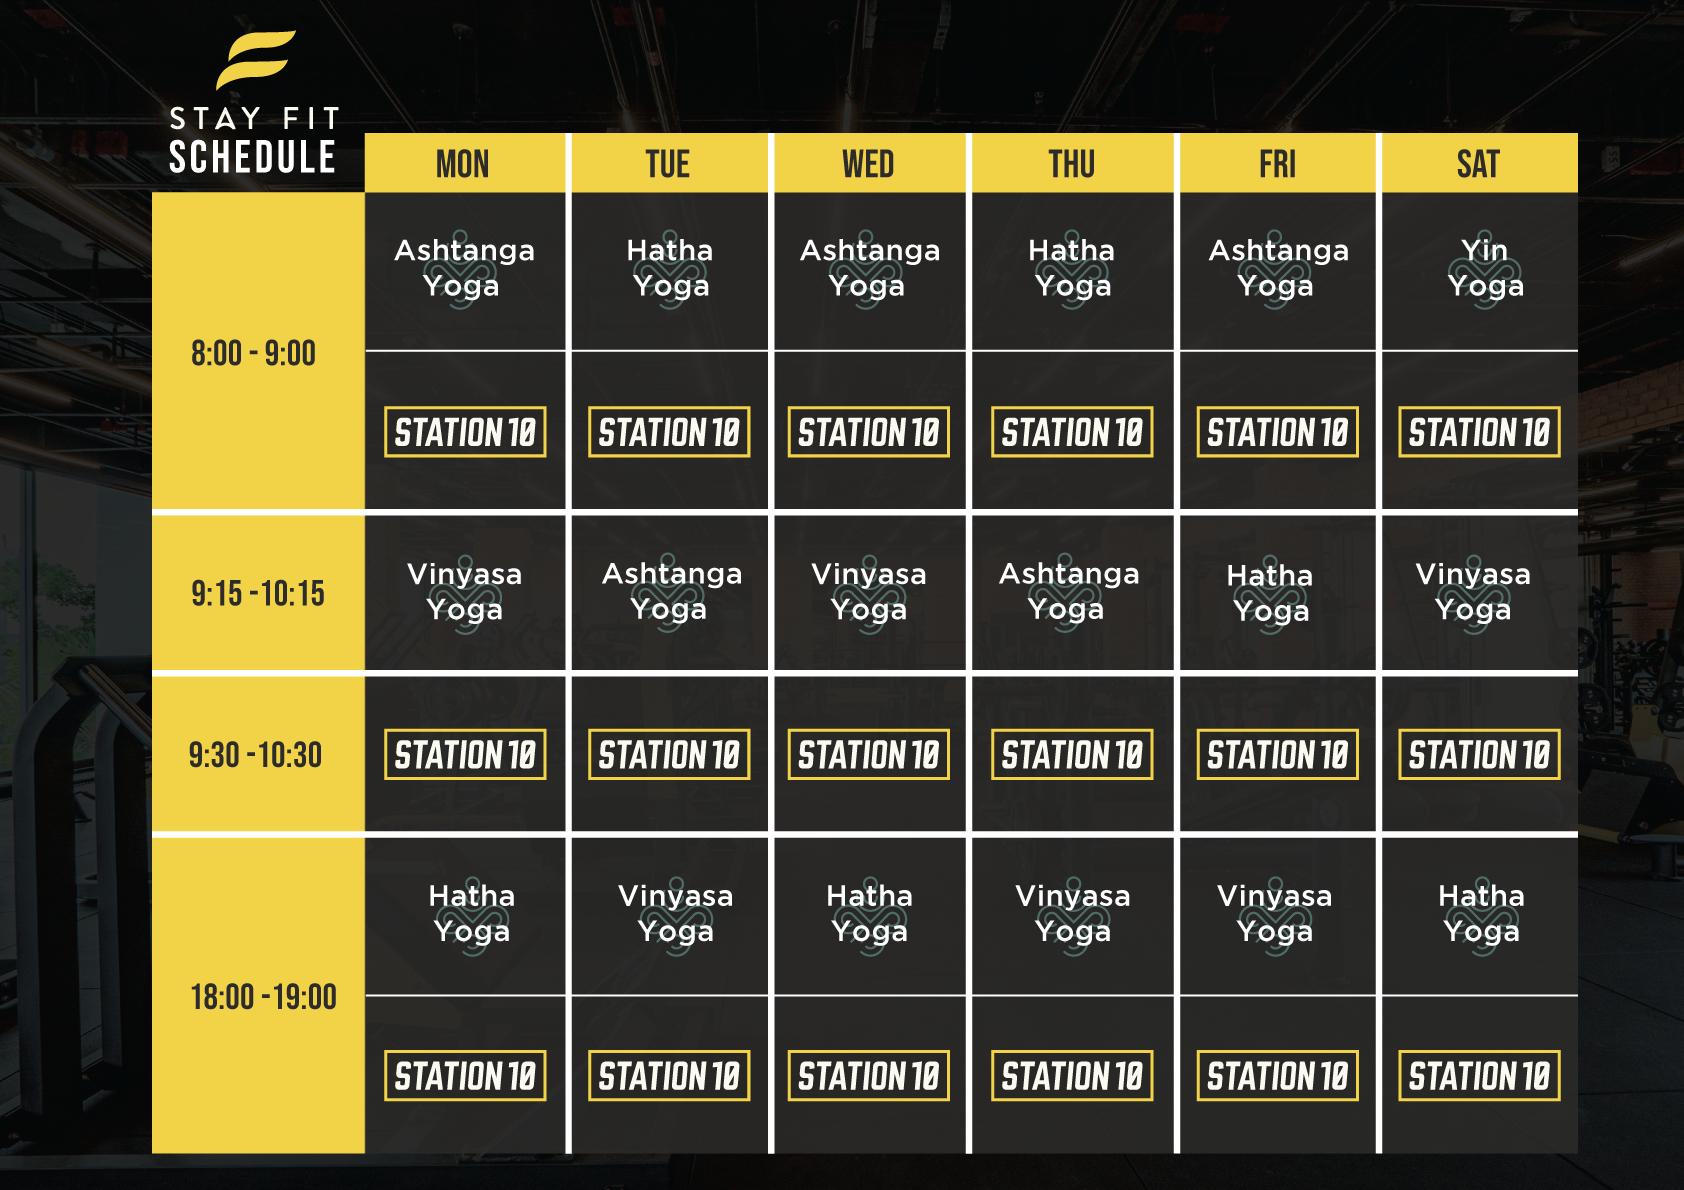 stayfit-gym-class-schedule